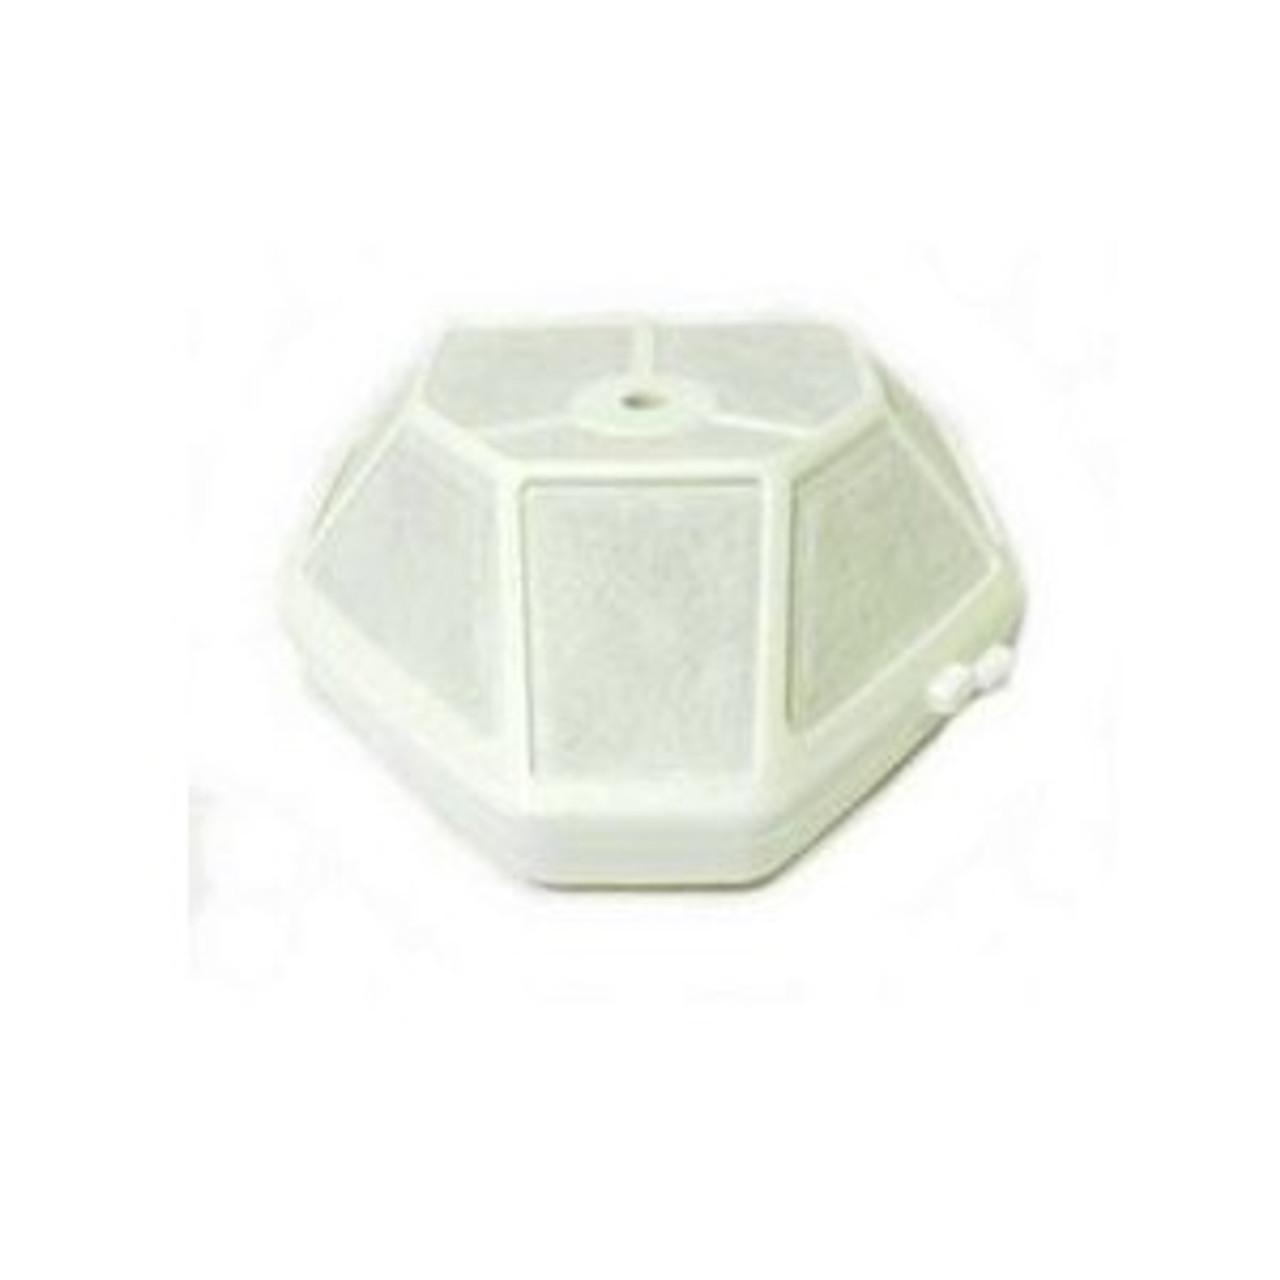 ZT0.2-1.1mm-10Ti Autek 10 Titanium Nitride Coated Carbide 0.2mm-1.1mm PCB Dremel CNC Drill Bits Router10 Titanium Nitride Coated Carbide 0.2mm-1.1mm PCB Dremel CNC Drill Bits Router